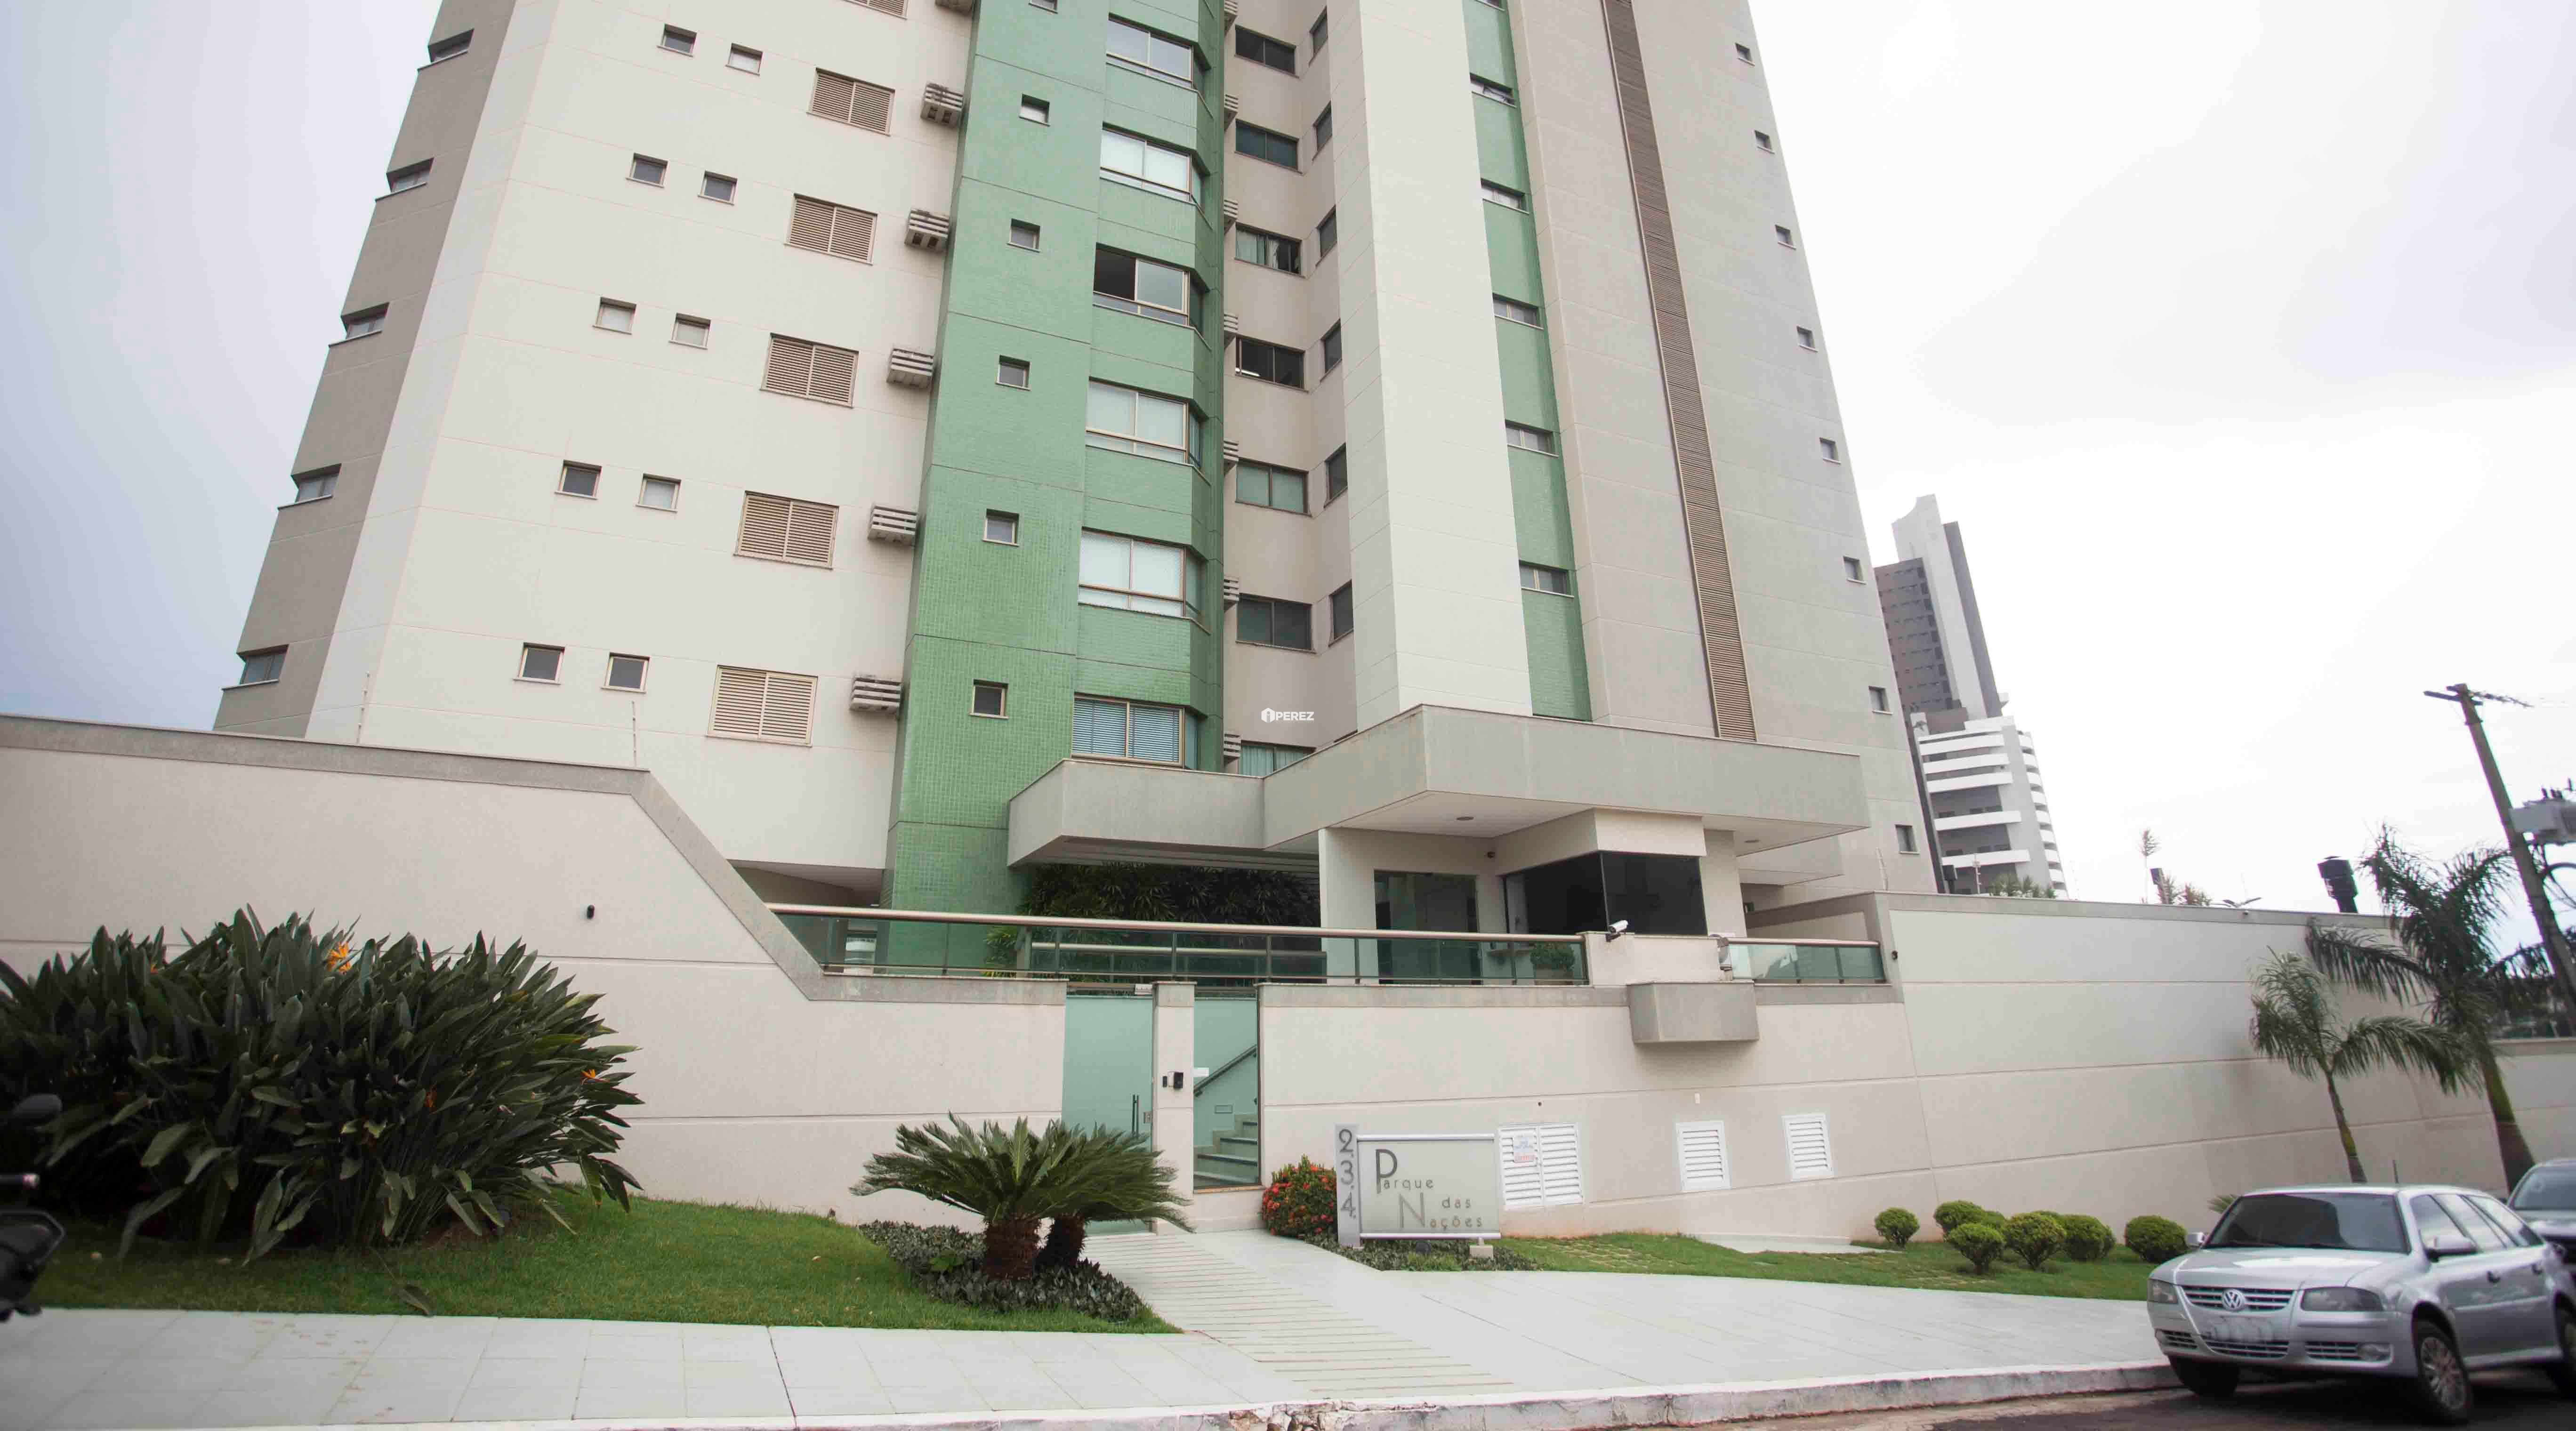 venda-campo-grande-ms-apartamento-itiquira-santa-fe-perez-imoveis